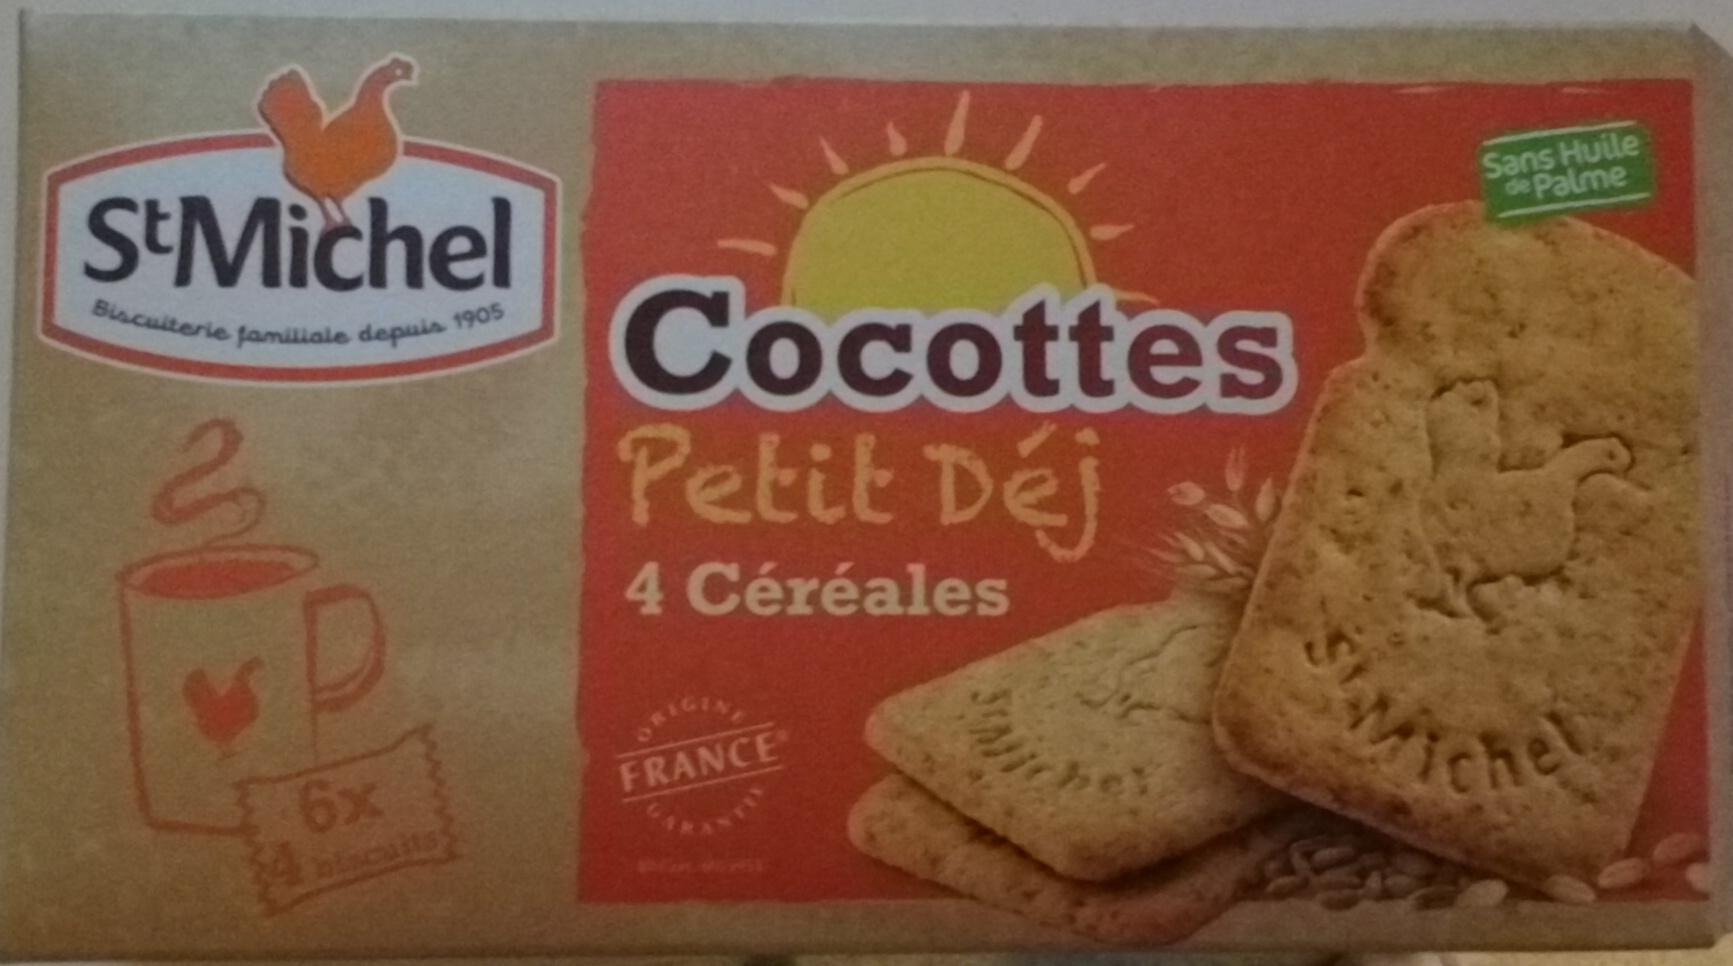 Cocottes Petit Déj 4 céréales - Product